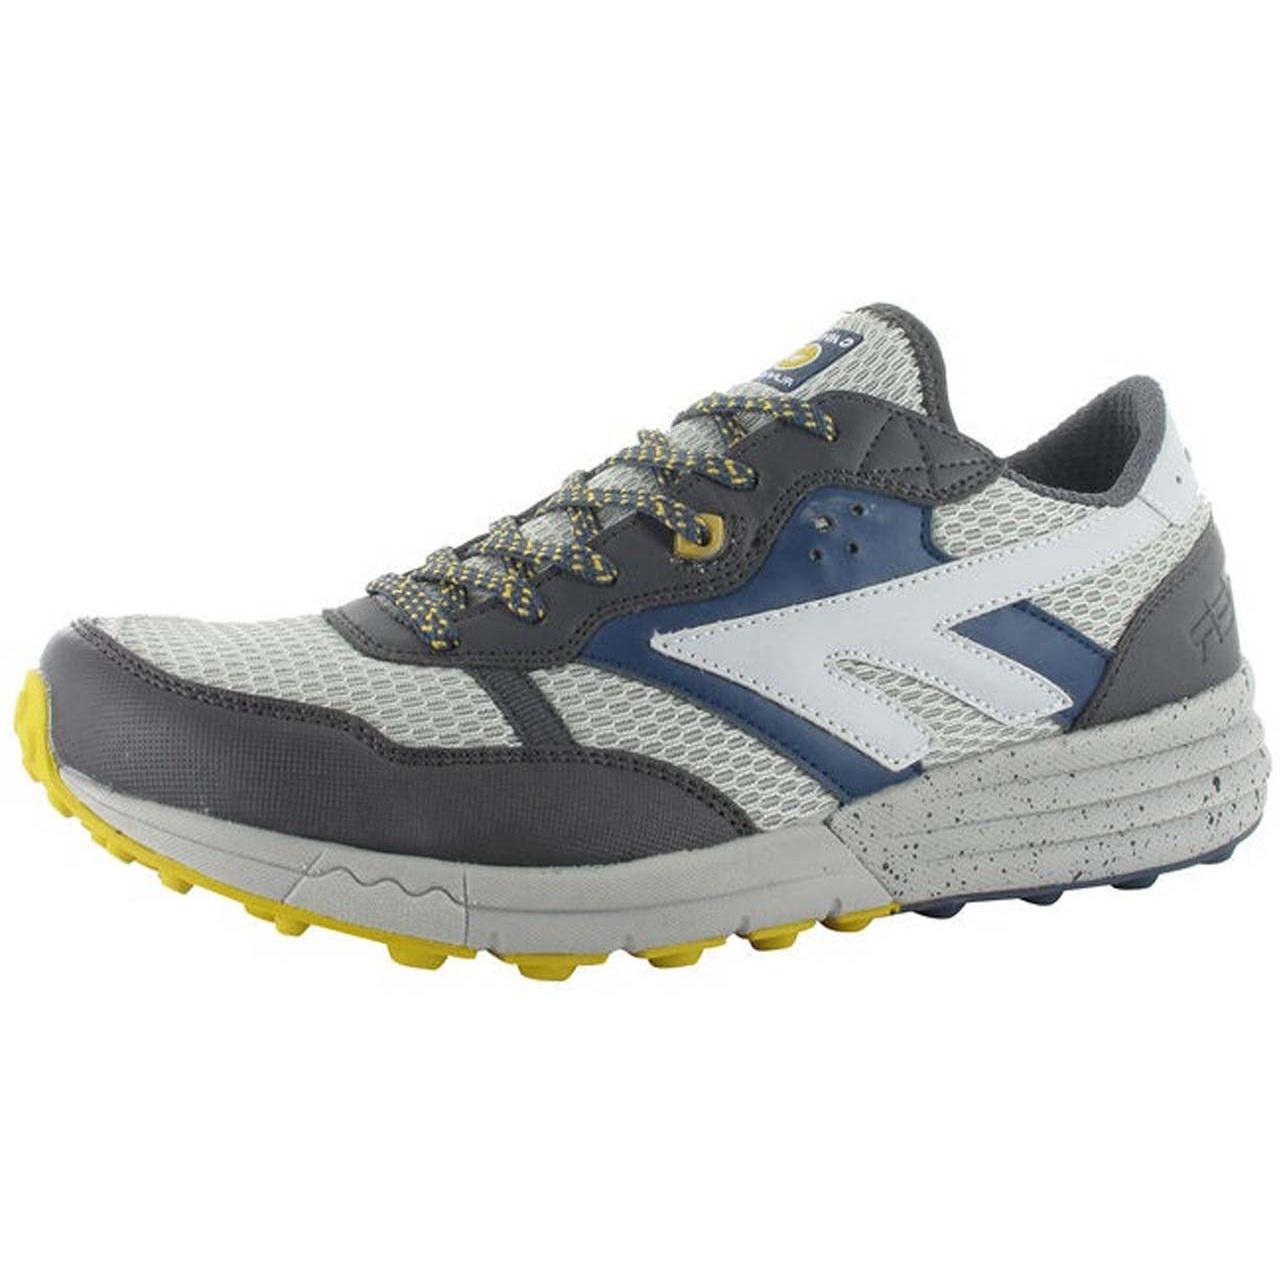 کفش مخصوص دویدن مردانه های تک مدل Badwater             , خرید اینترنتی